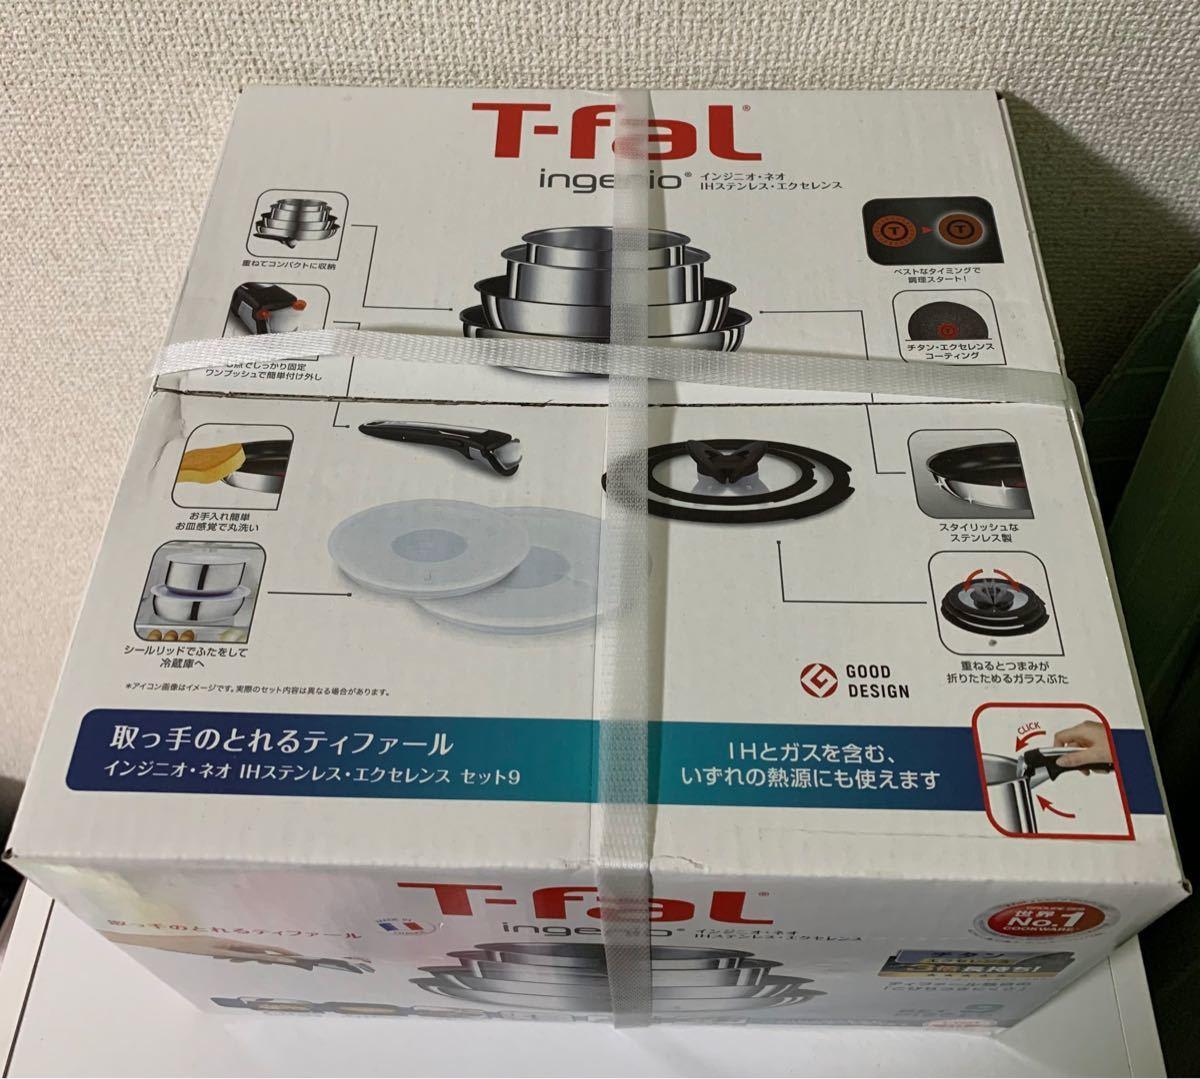 新品未開封 T-fal ティファール  IH対応 インジニオ・ネオ IHステンレス・エクセレンス セット9 L93989